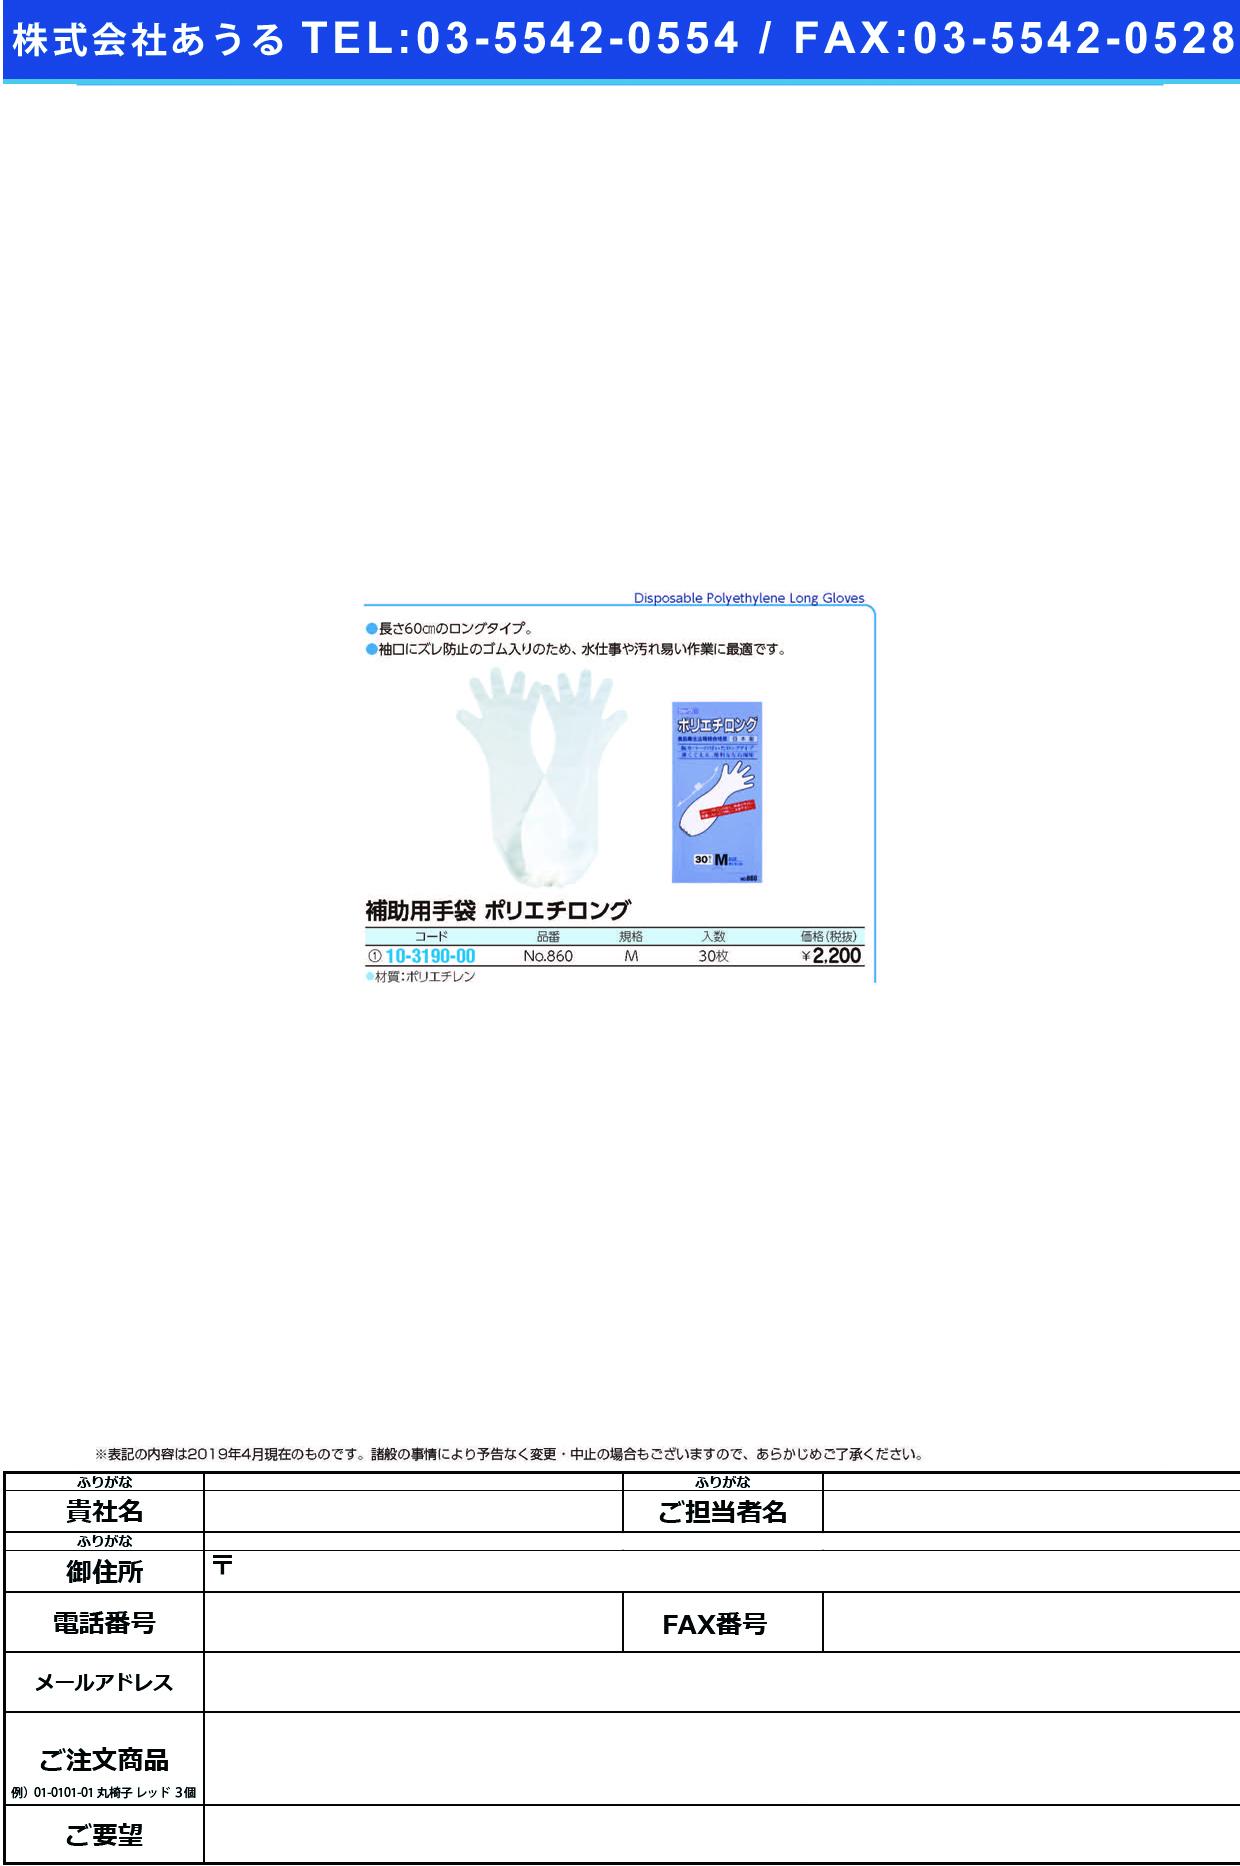 (10-3190-00)ポリエチロング NO.860(M)30マイイリ ポリエチロング【1箱単位】【2019年カタログ商品】